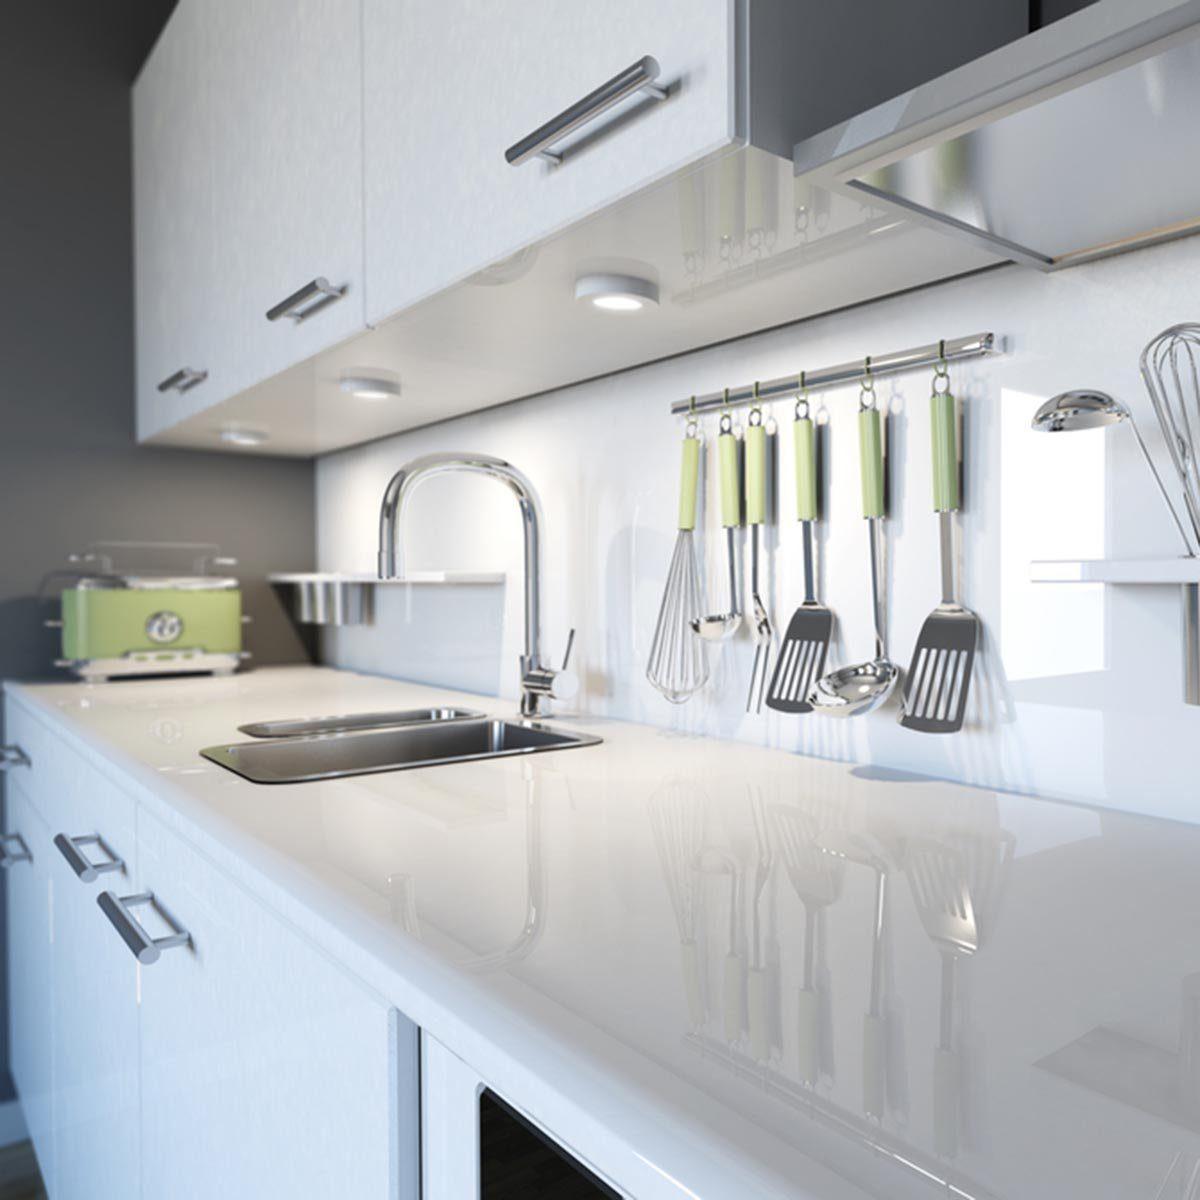 Modern white kitchen clean interior design; Shutterstock ID 119843548